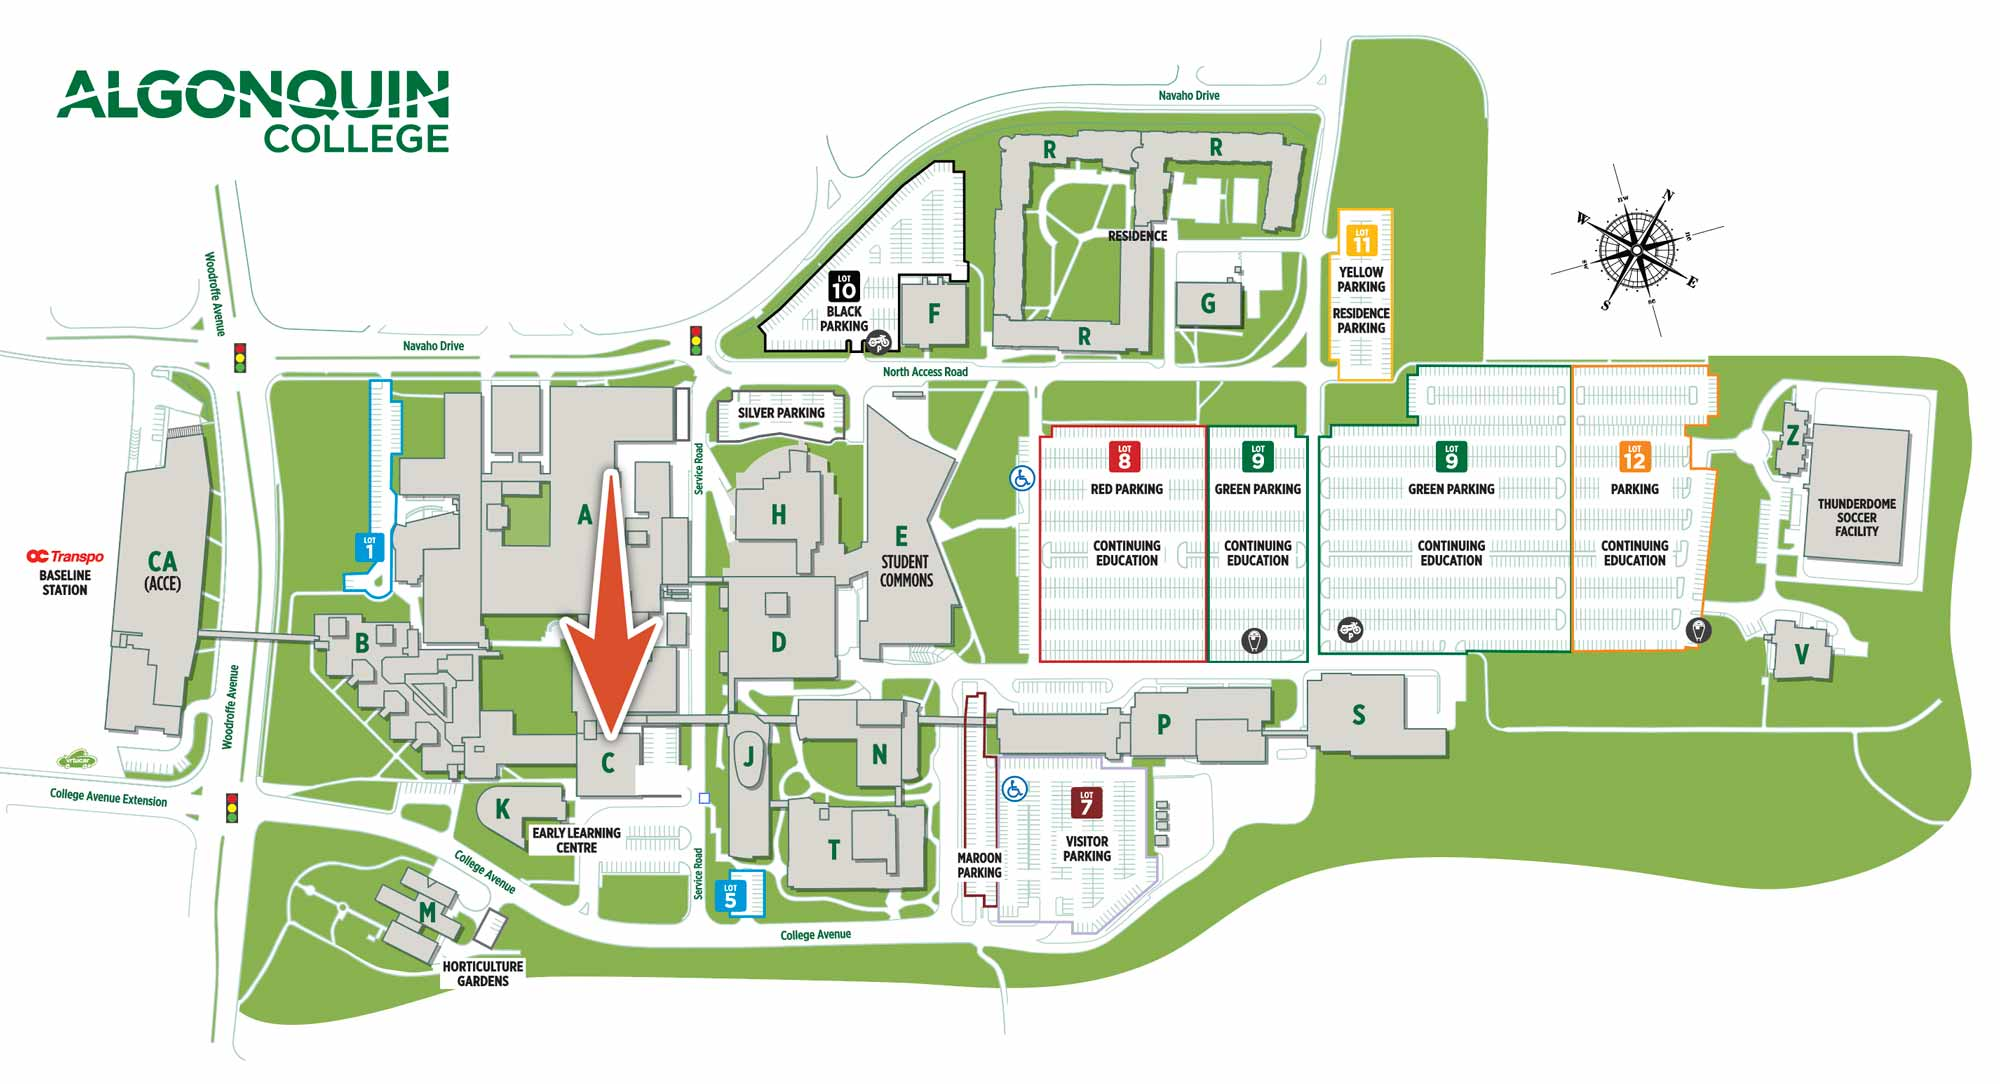 algonquin college map of campus Ac Computer Graphics Designthinkers algonquin college map of campus